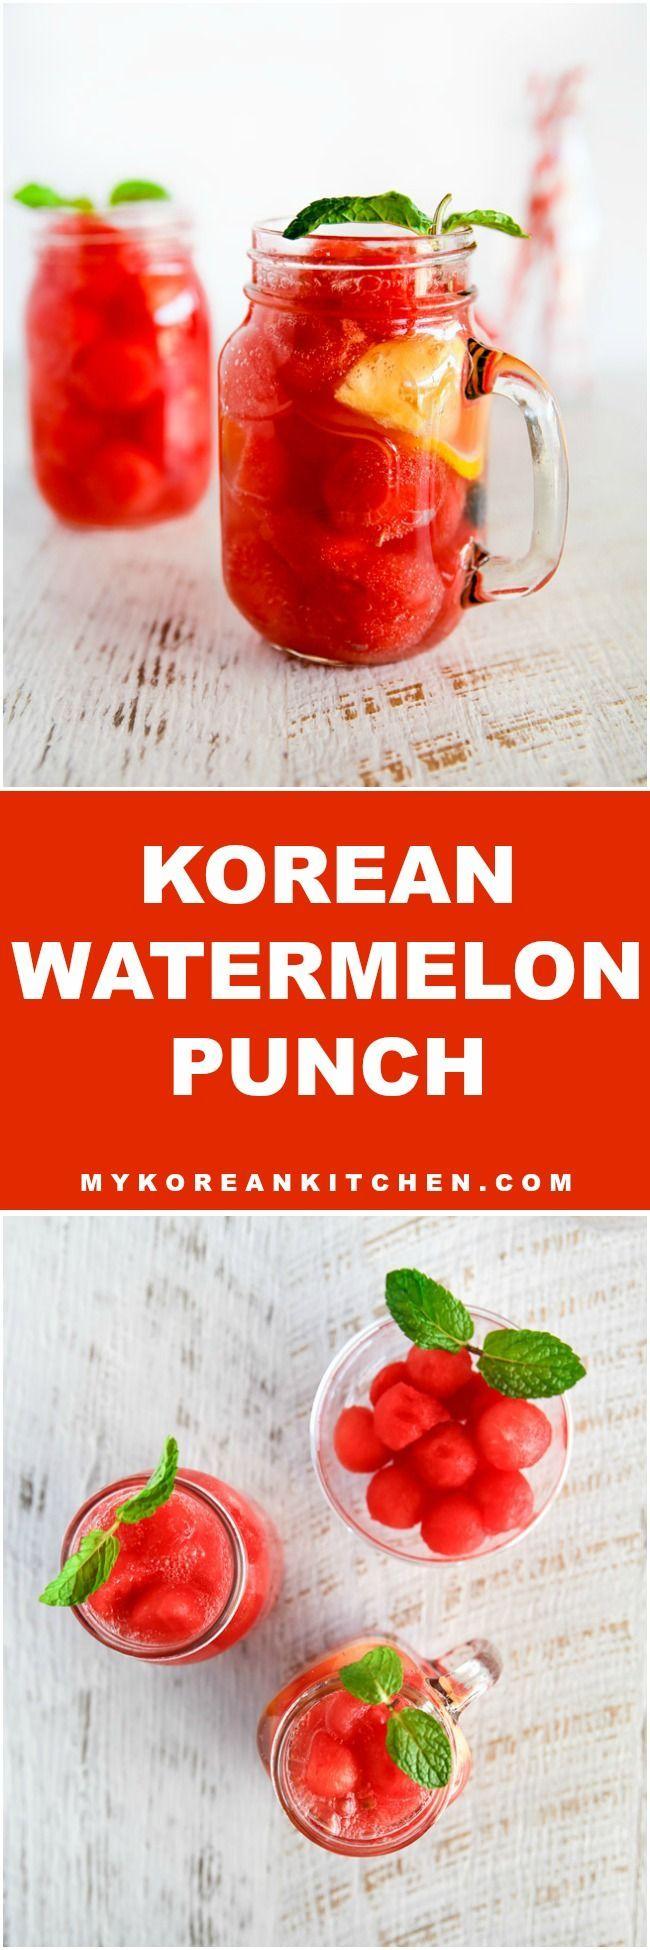 How to Make Korean Watermelon Punch   MyKoreanKitchen.com